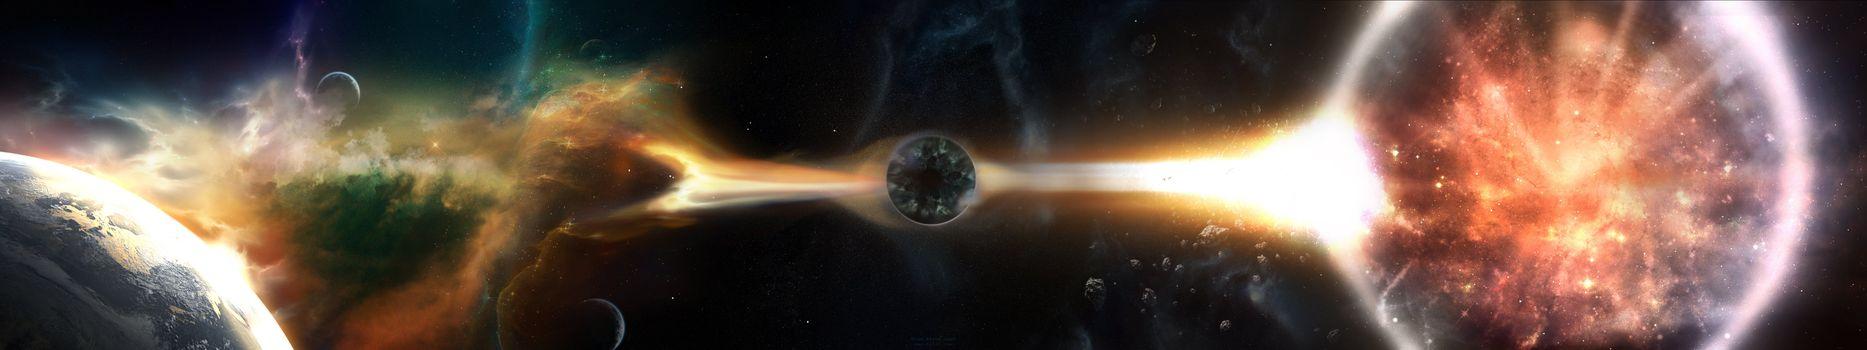 Фото бесплатно черная дыра, планеты, спутники, гравитация, сила притяжения, монитор, мульти, несколько, экран, космос, тройные